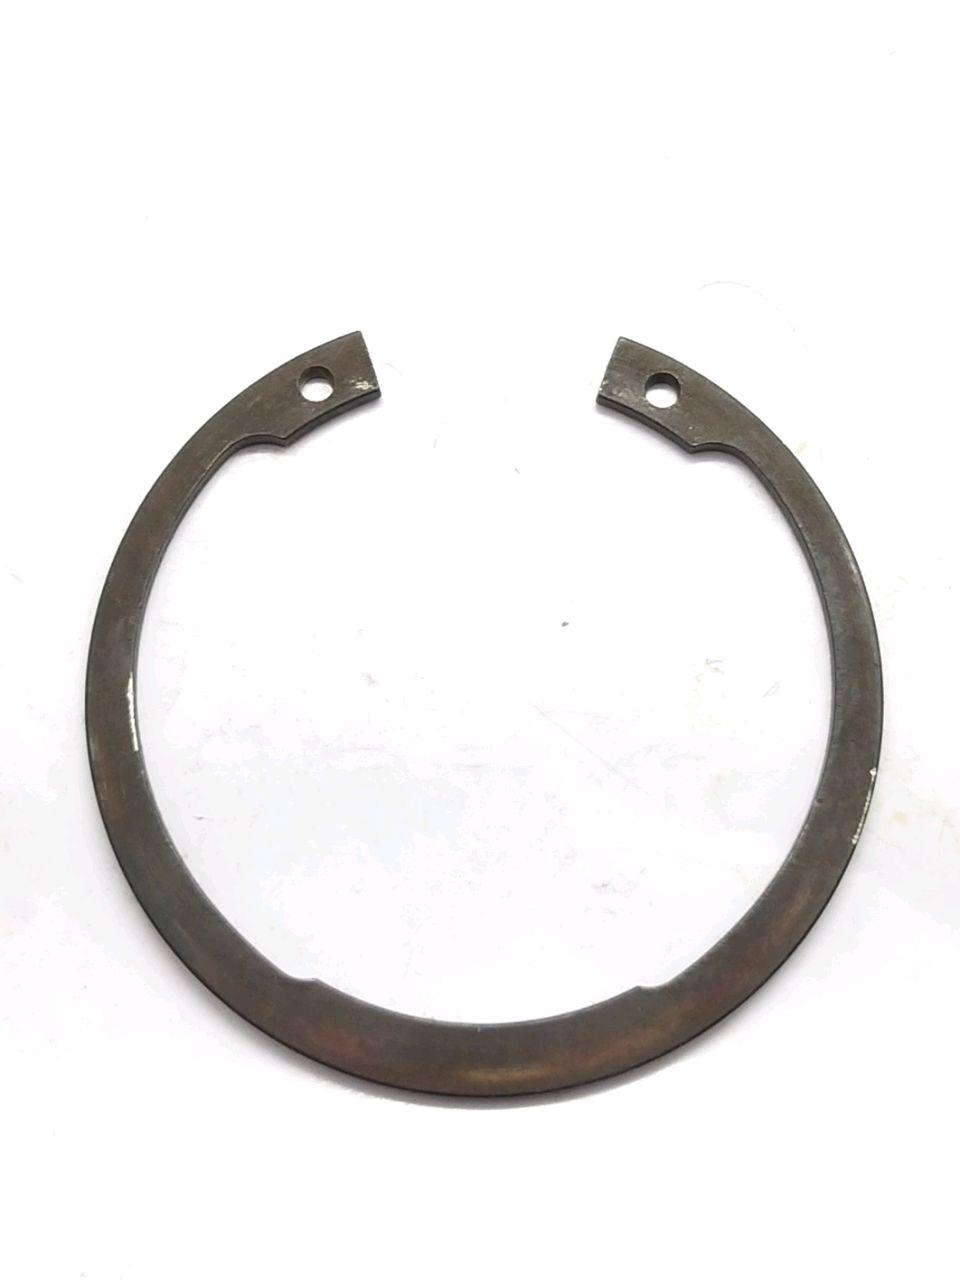 Inel de siguranţă (d=68, A68G-13943)